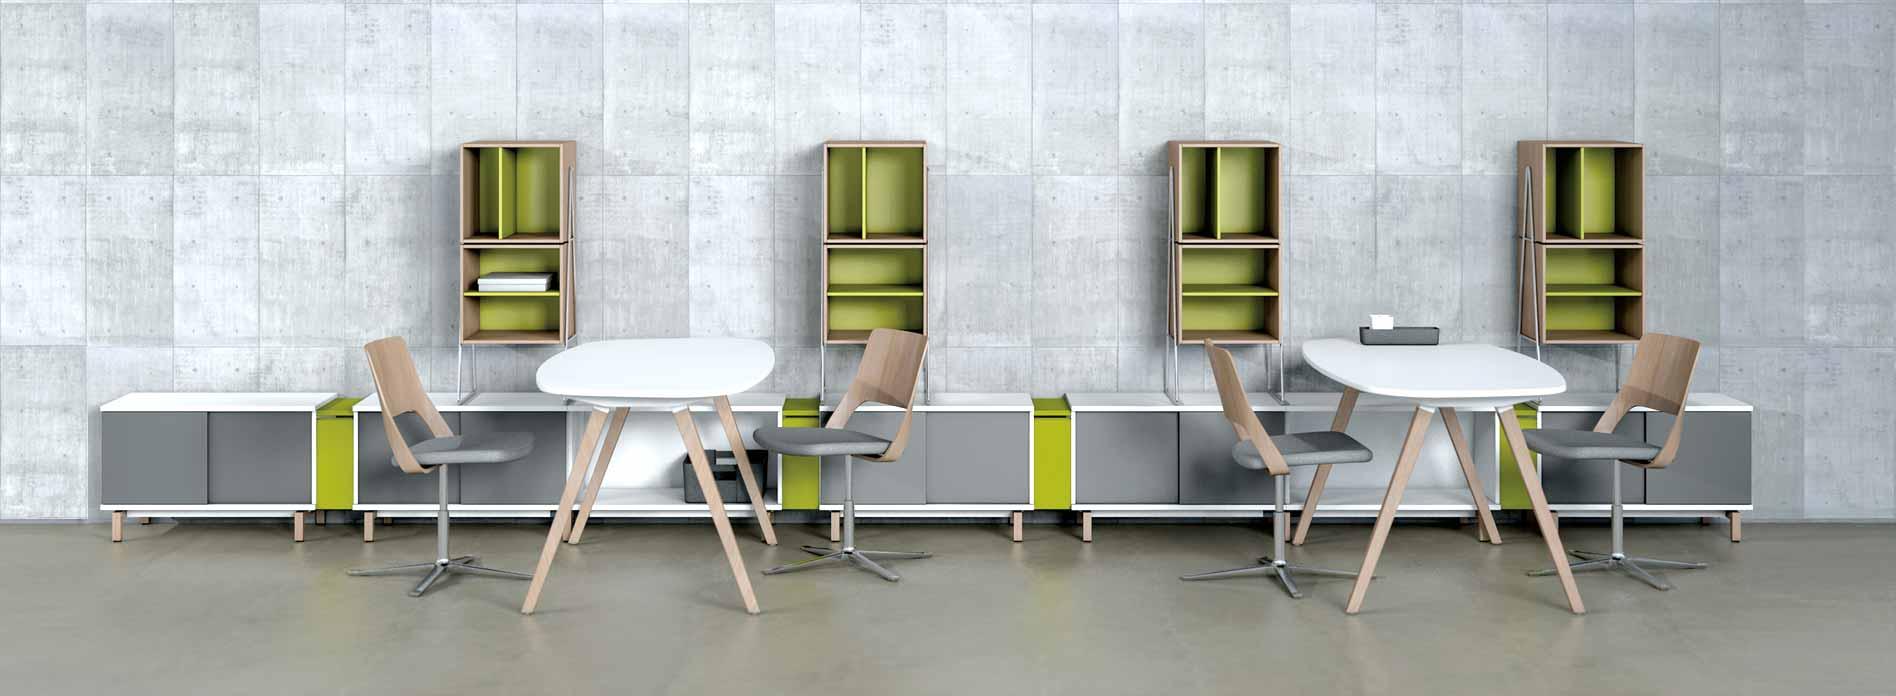 21 Kinnarps Office Furniture Qatar 18 Kinnarps